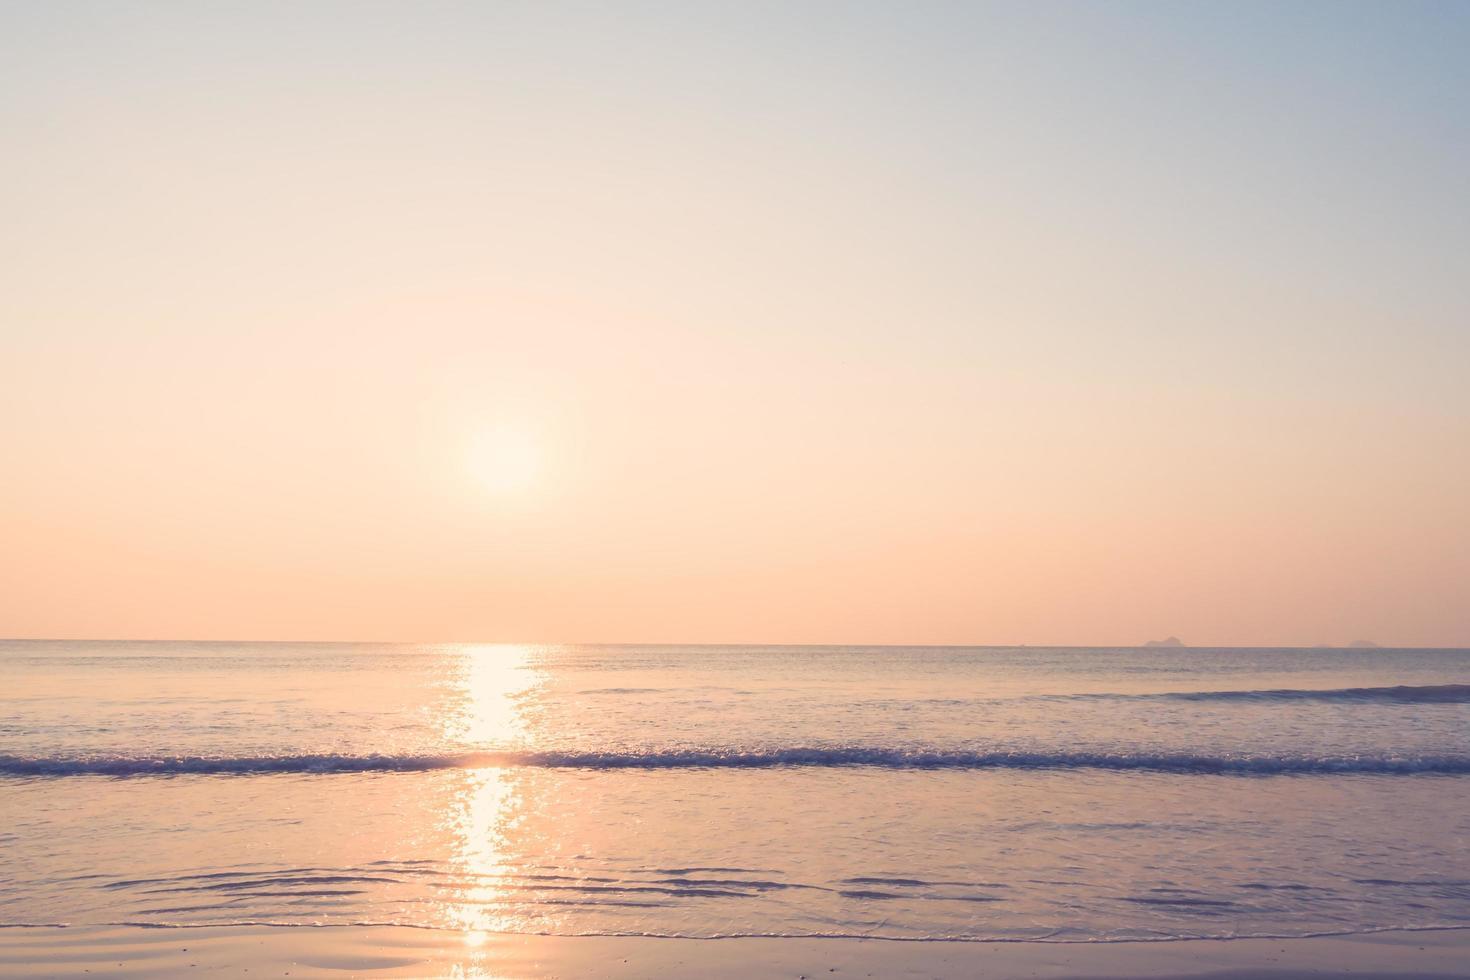 hermoso amanecer en la playa foto